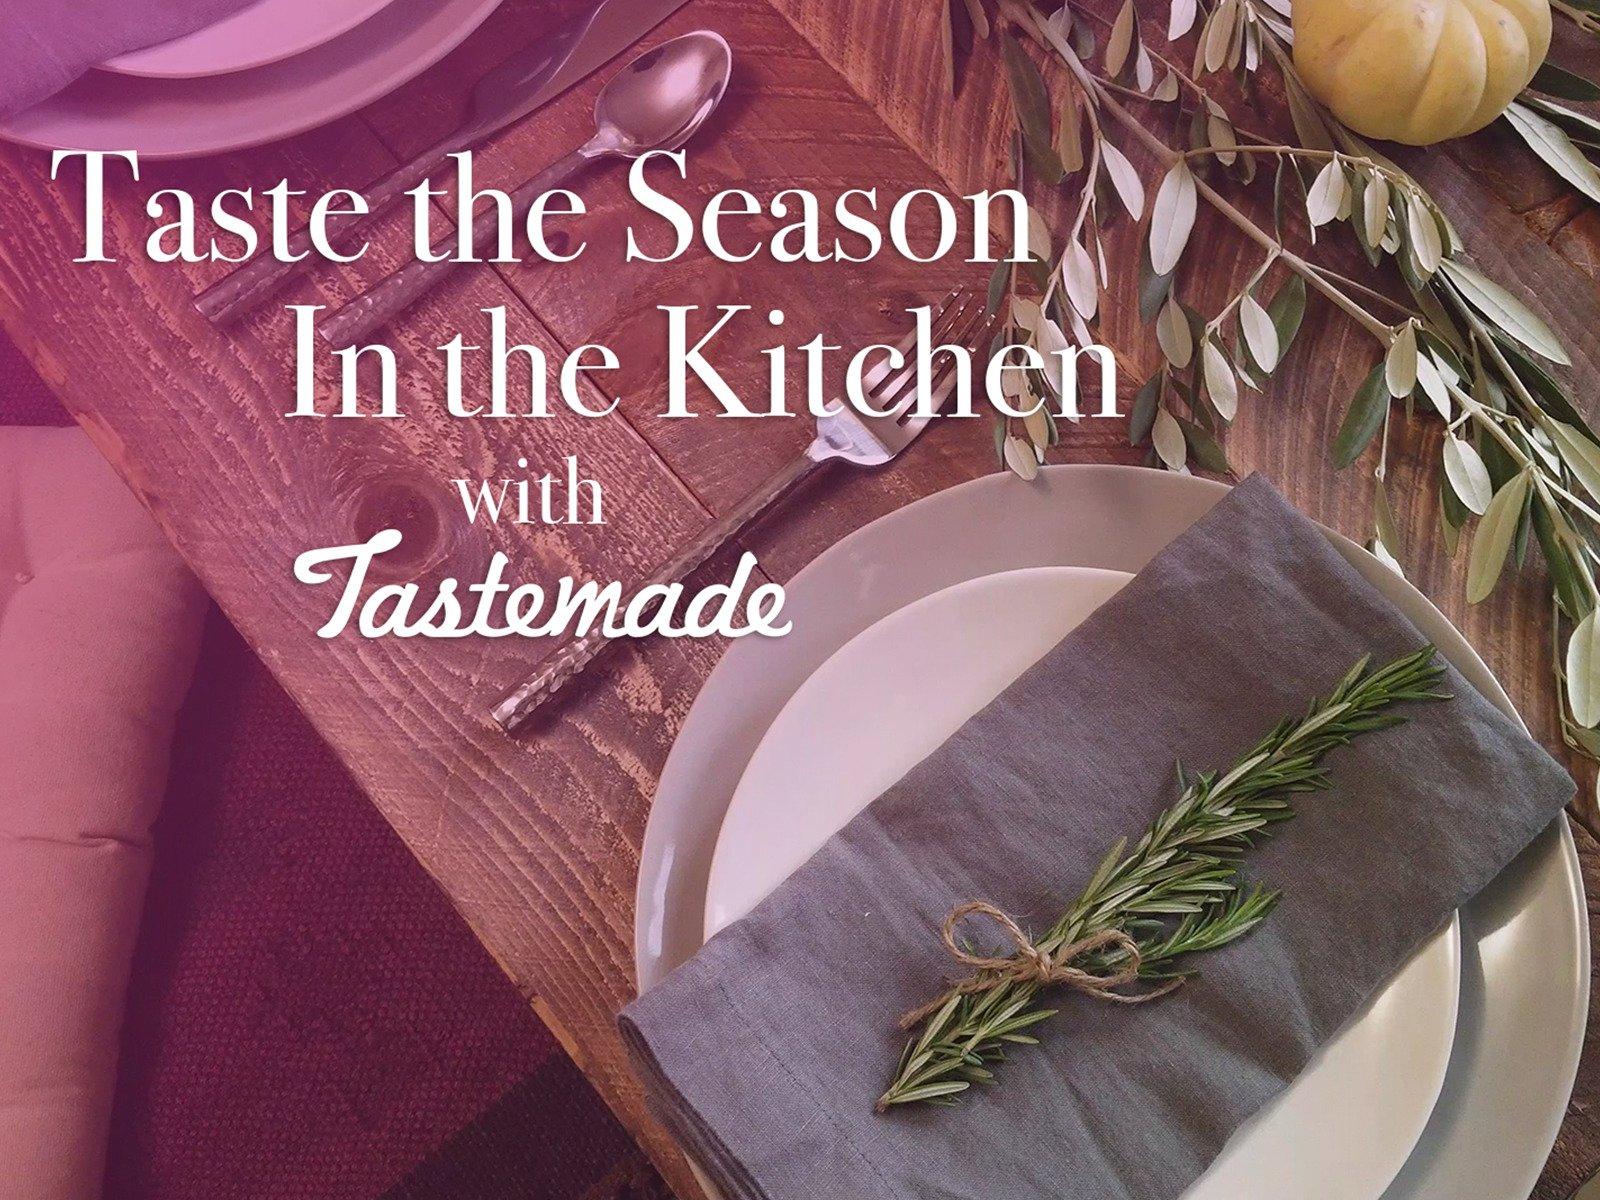 Taste the Season, in the Kitchen - Season 1